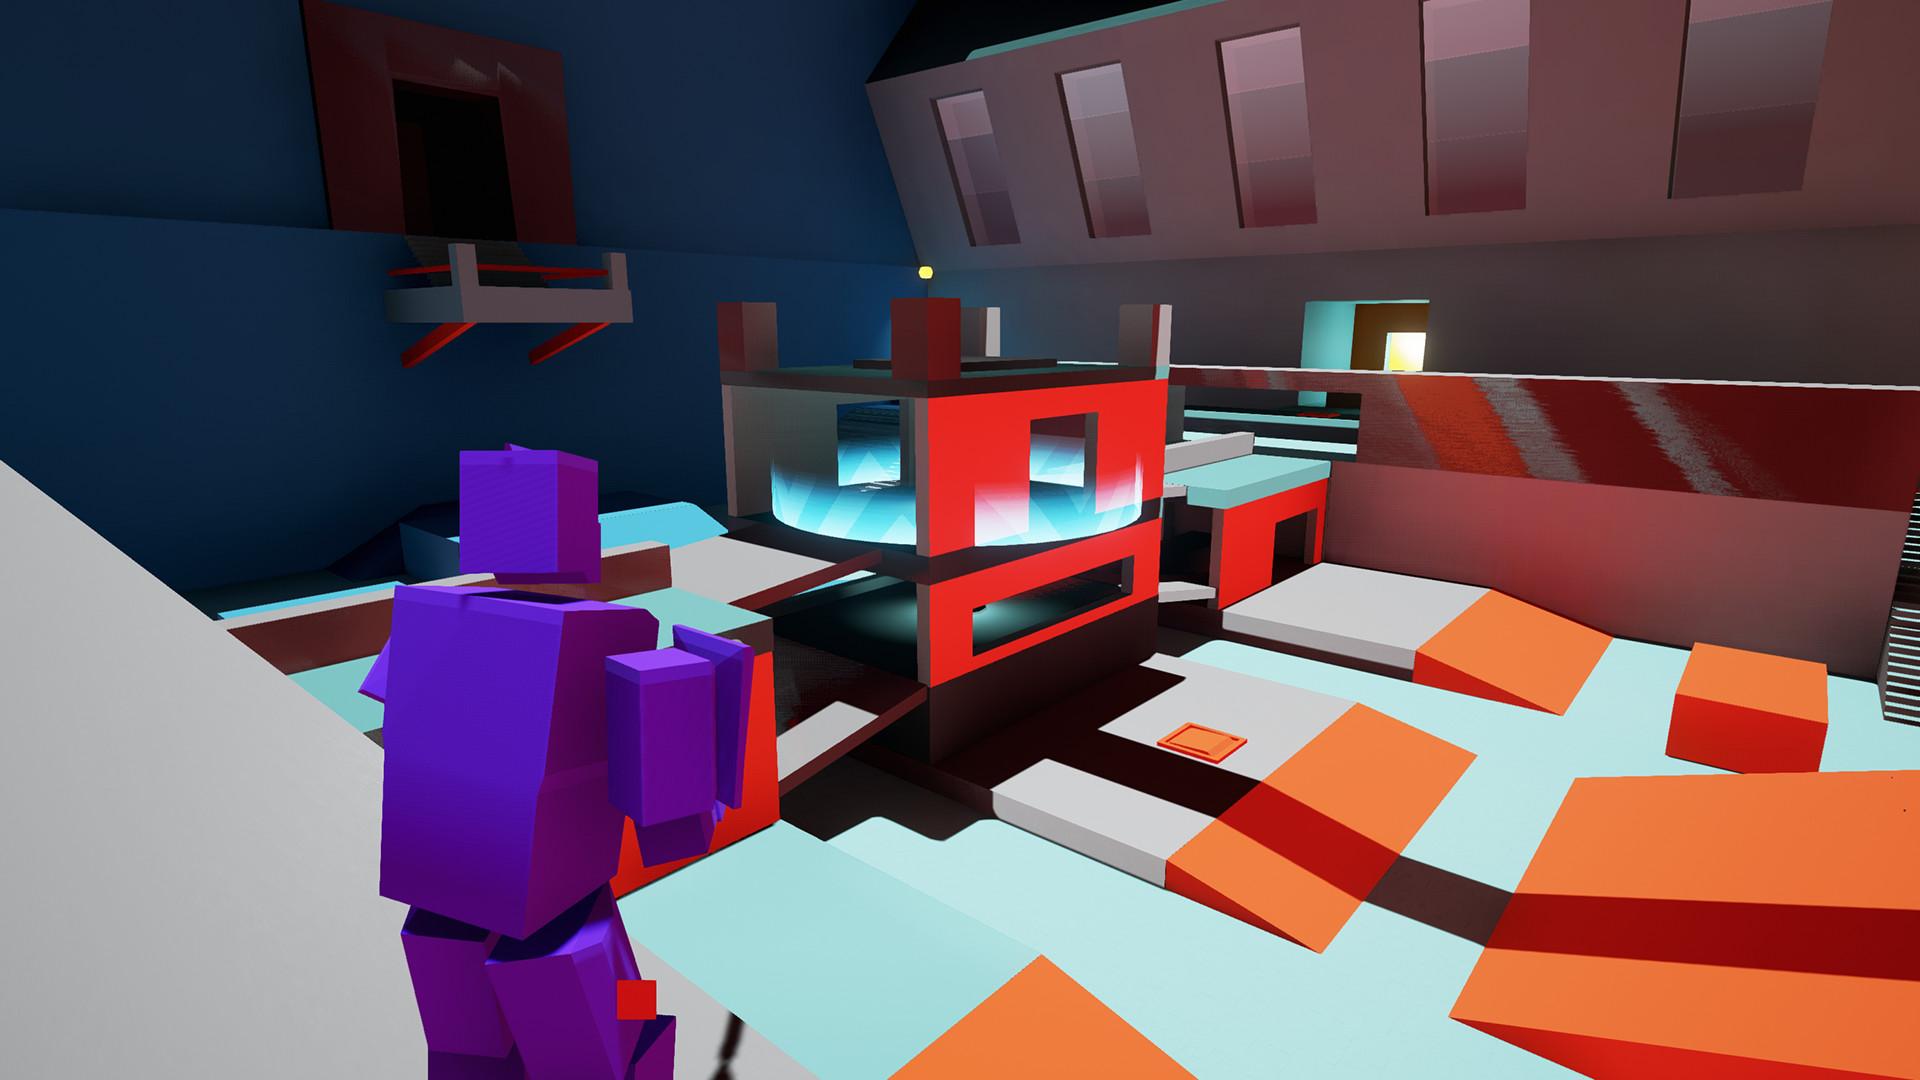 HitBox Screenshot 3